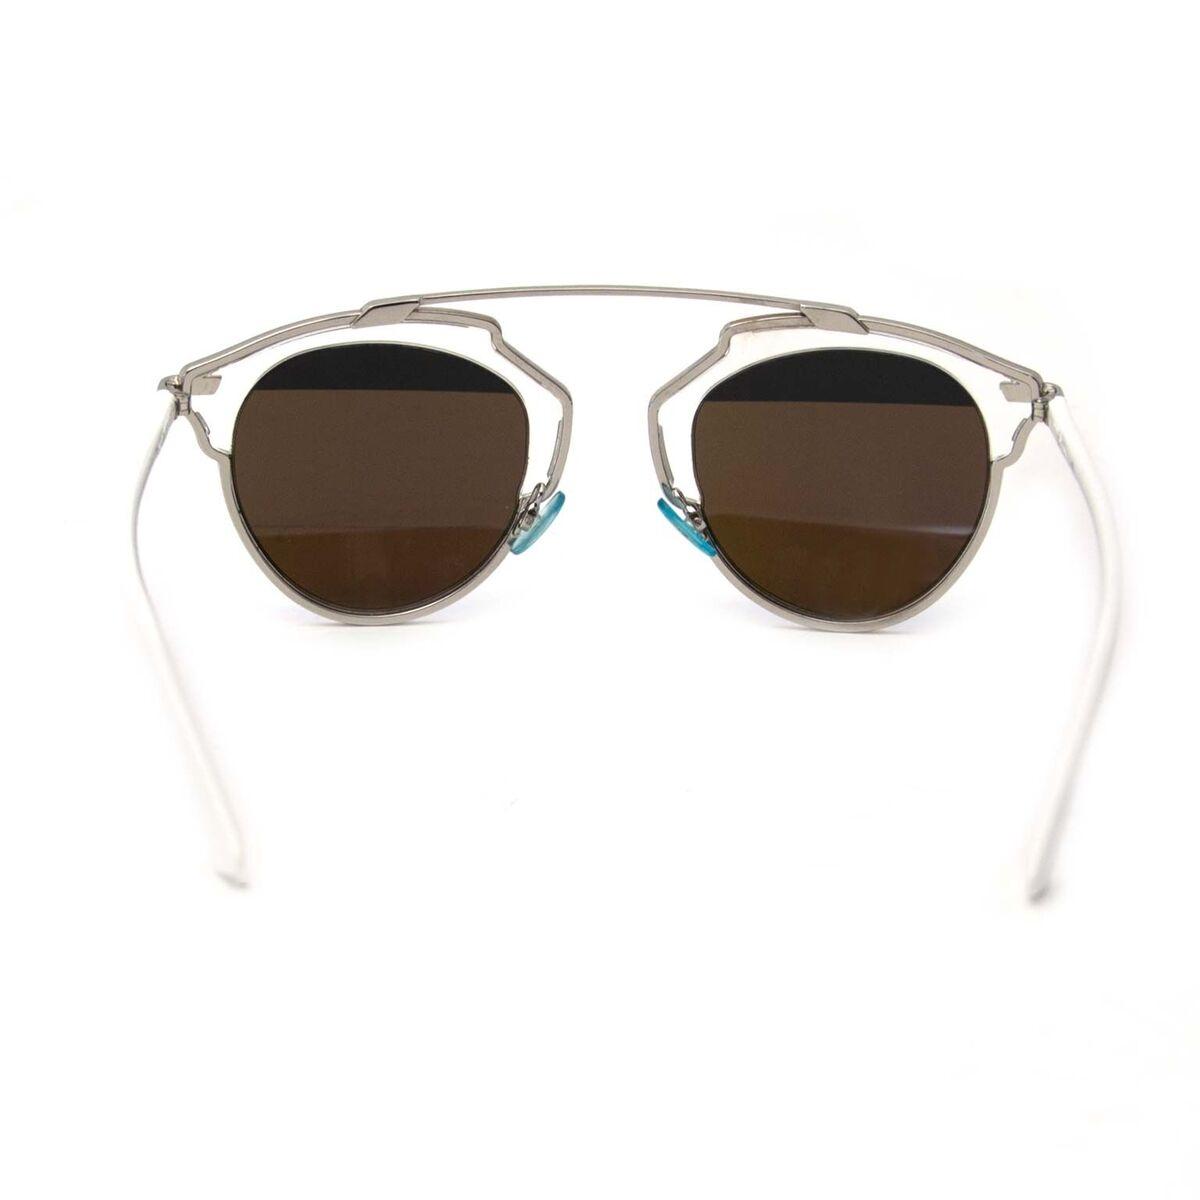 Koop authentieke tweedehands Dior So Real zonnebril aan een eerlijke prijs bij LabelLOV. Veilig online shoppen.